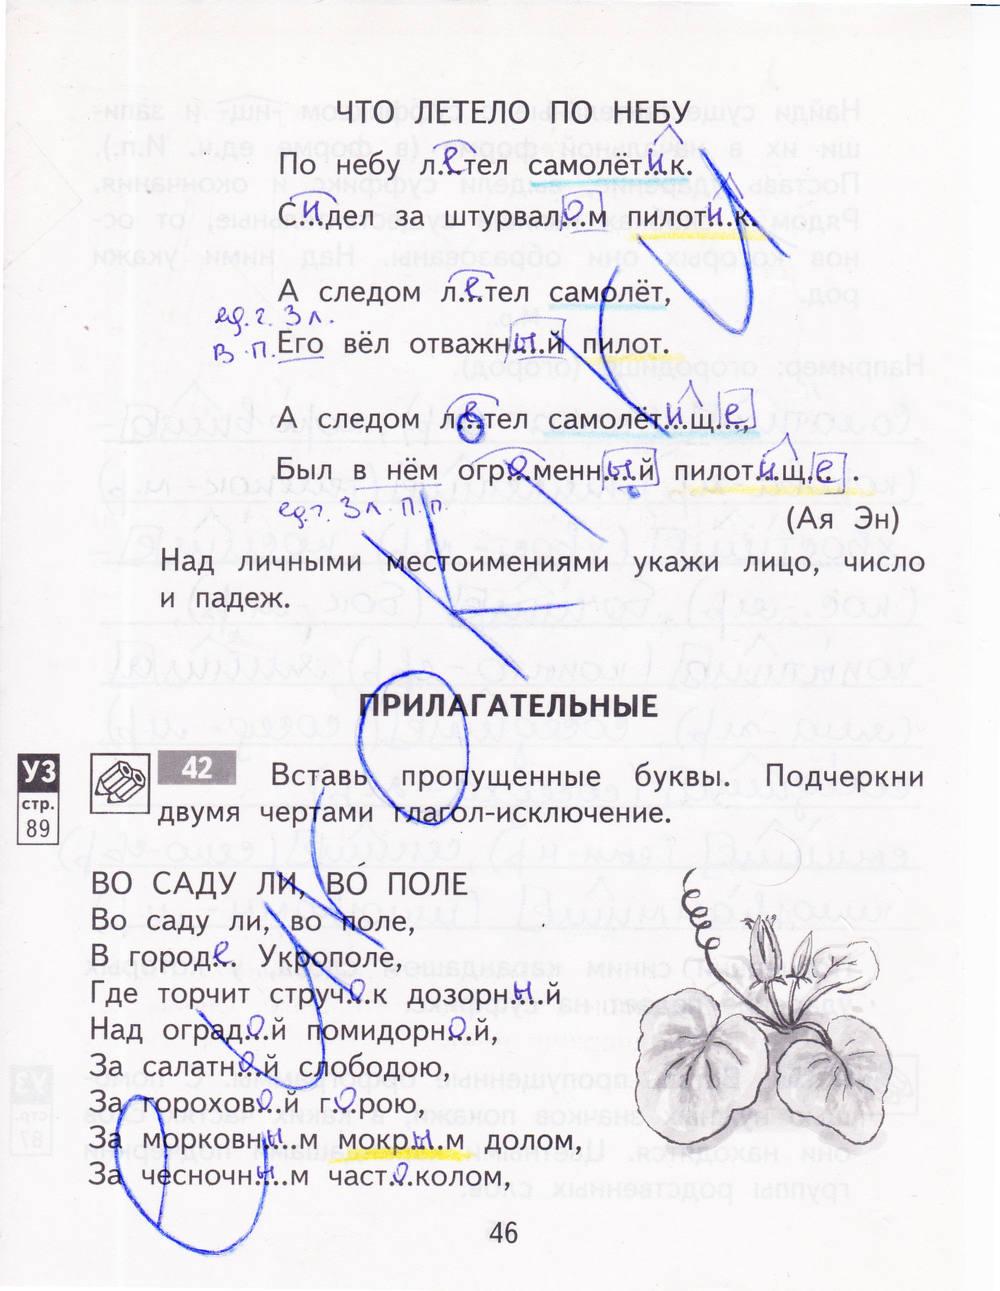 решебник по русскому 2 класс тетрадь 2 часть байкова